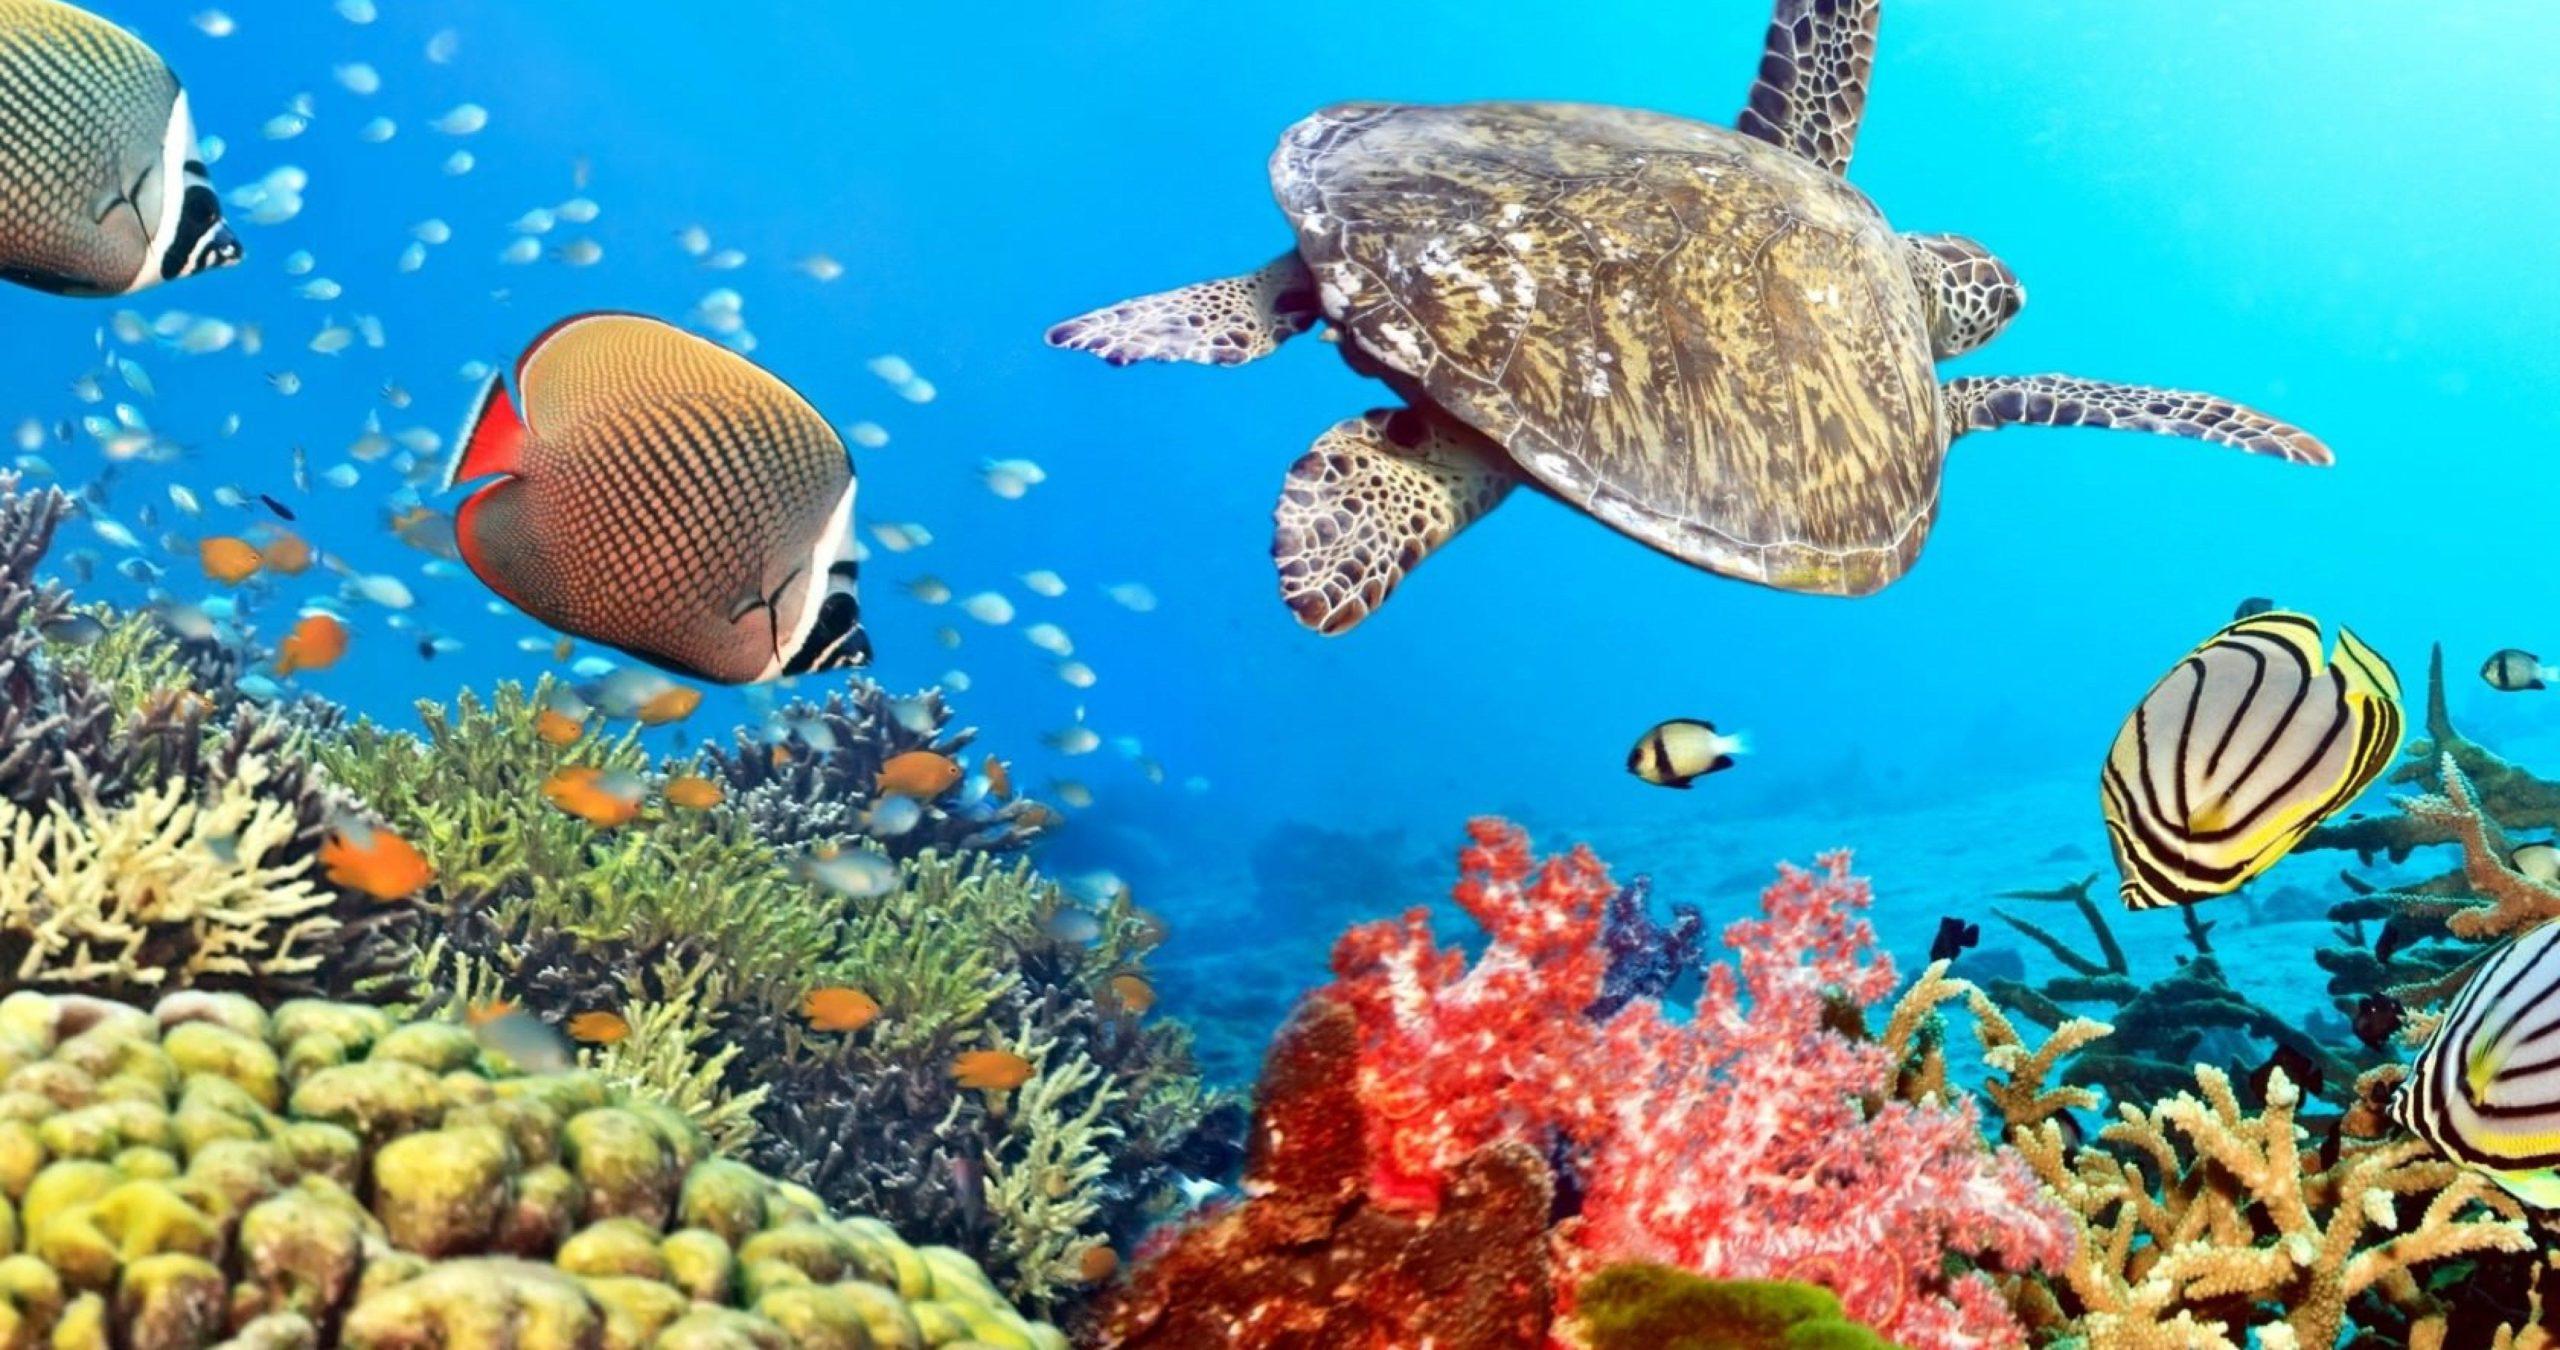 underwater ocean photography